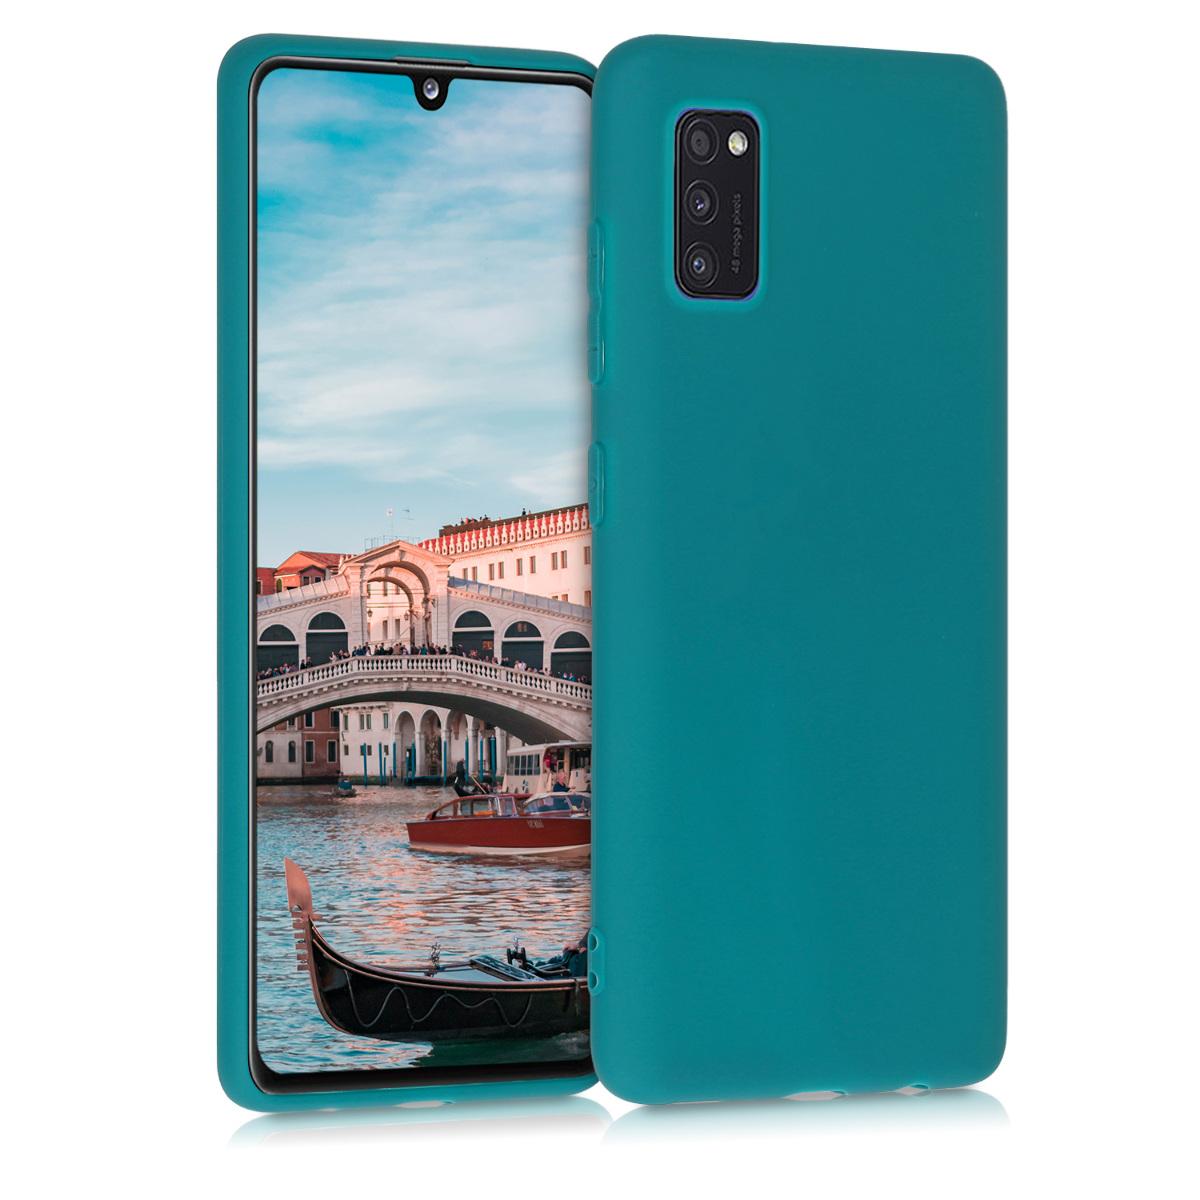 Kvalitní silikonové TPU pouzdro pro Samsung A41 - Teal matné